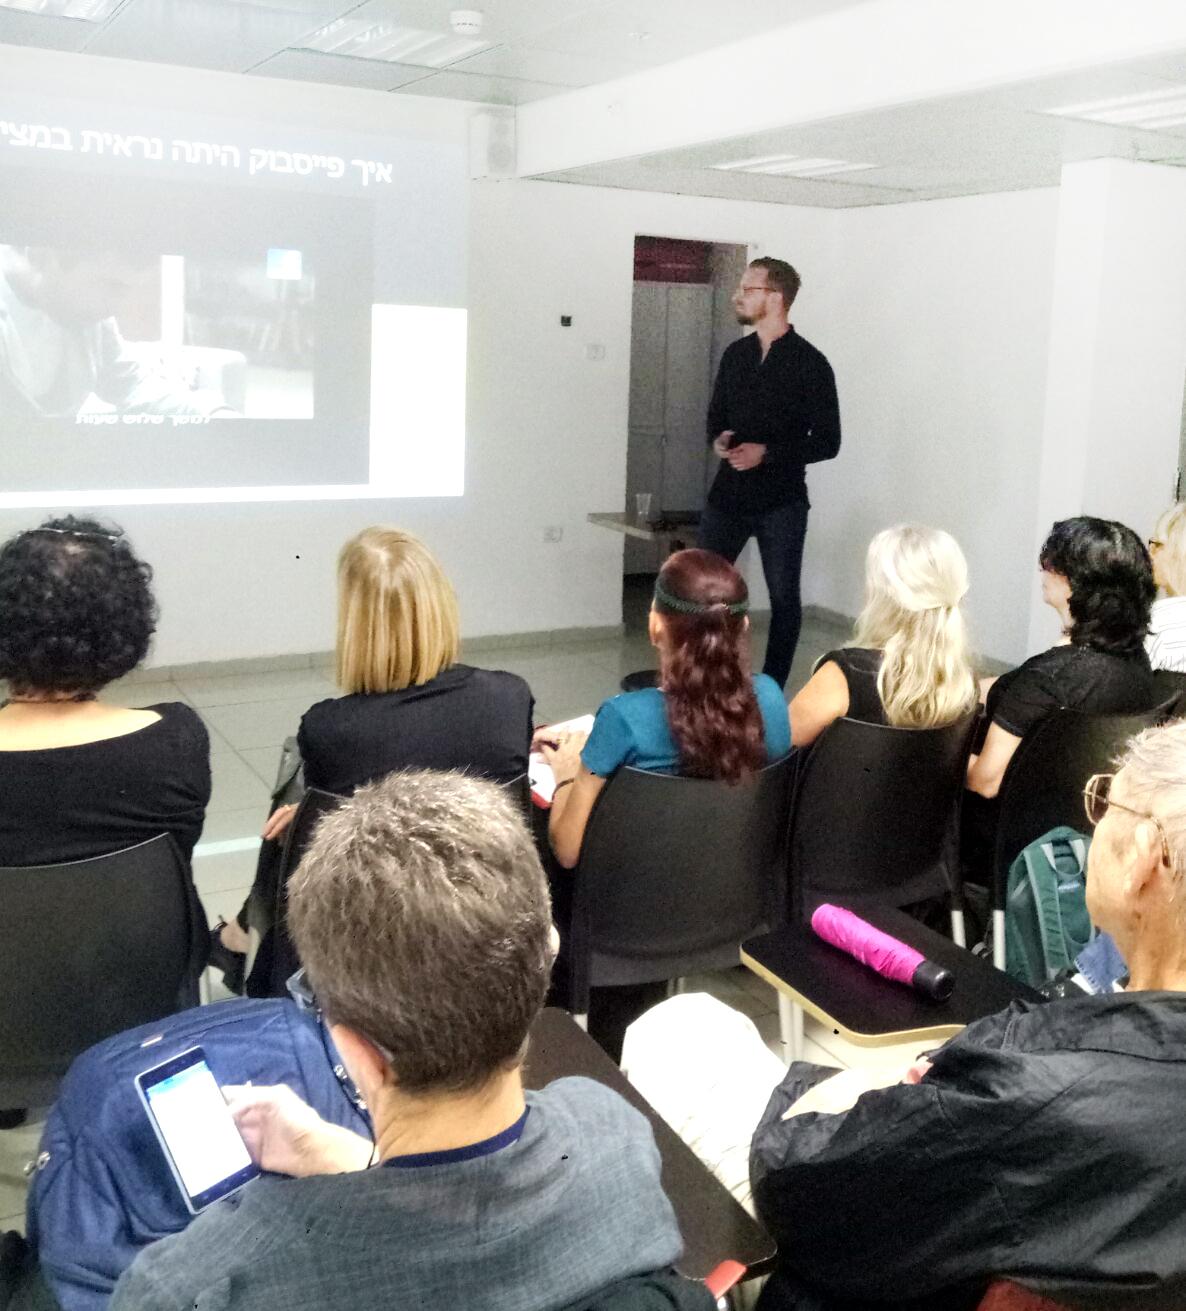 הרצאה מרתקת בנושא פרסום בפייסבוק